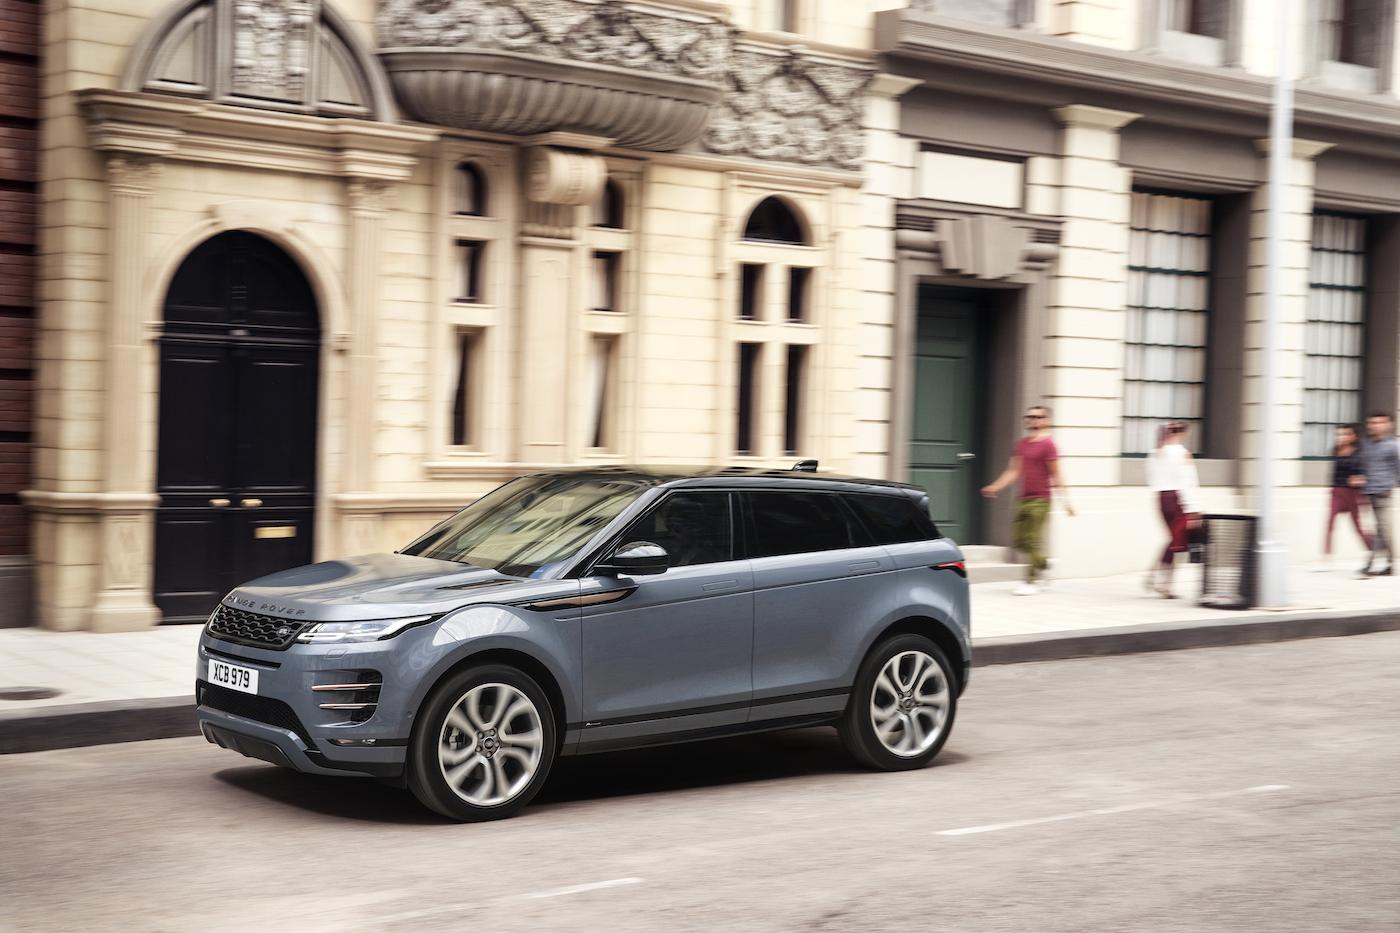 Der neue Evoque: Range Rover übertrifft sich selbst 17